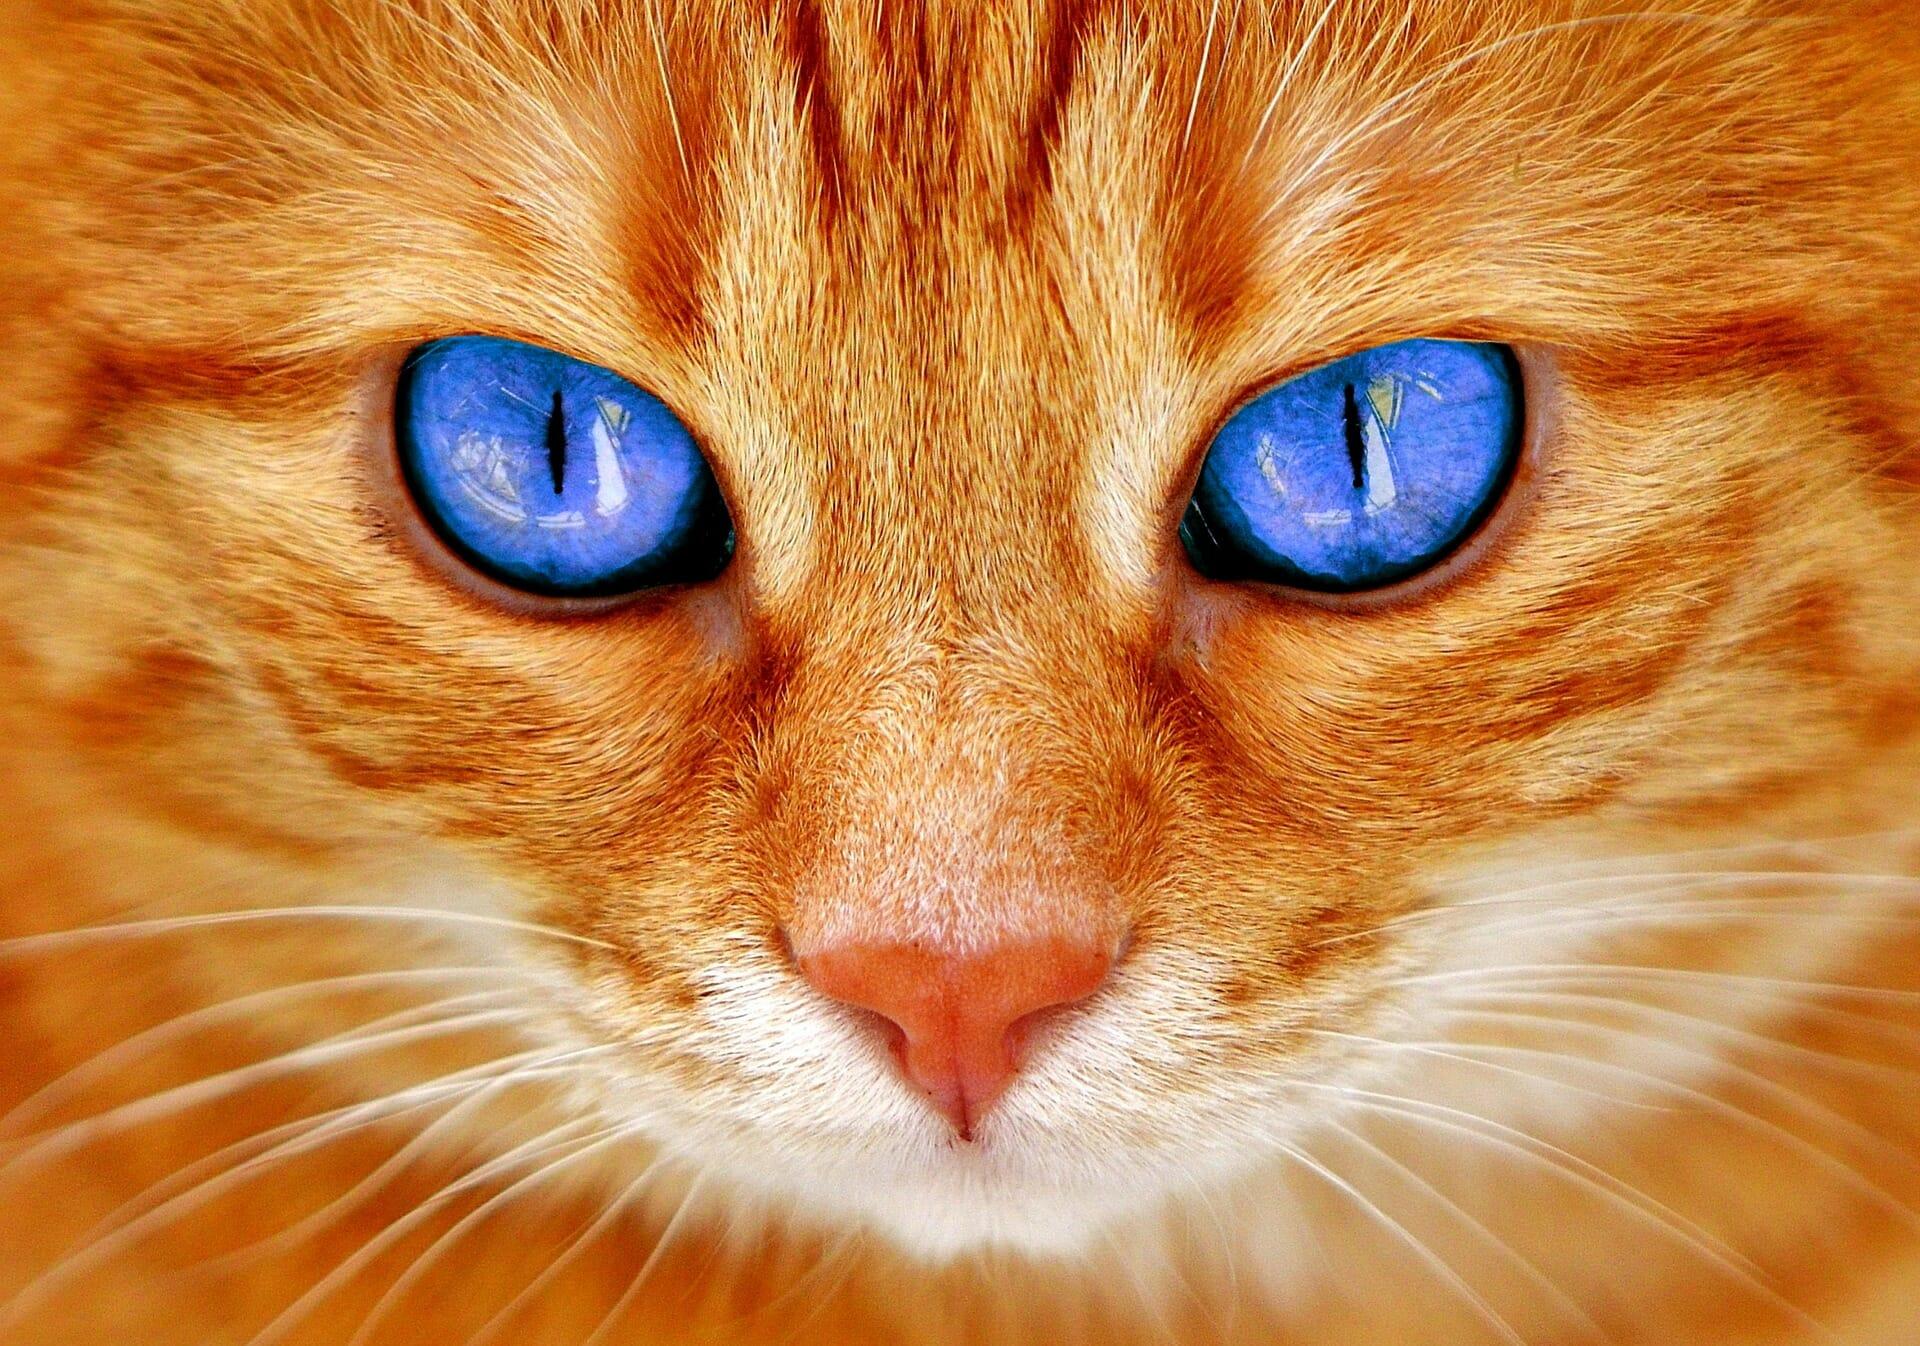 Le chat et les huiles essentielles - article Bien Mieux SAS